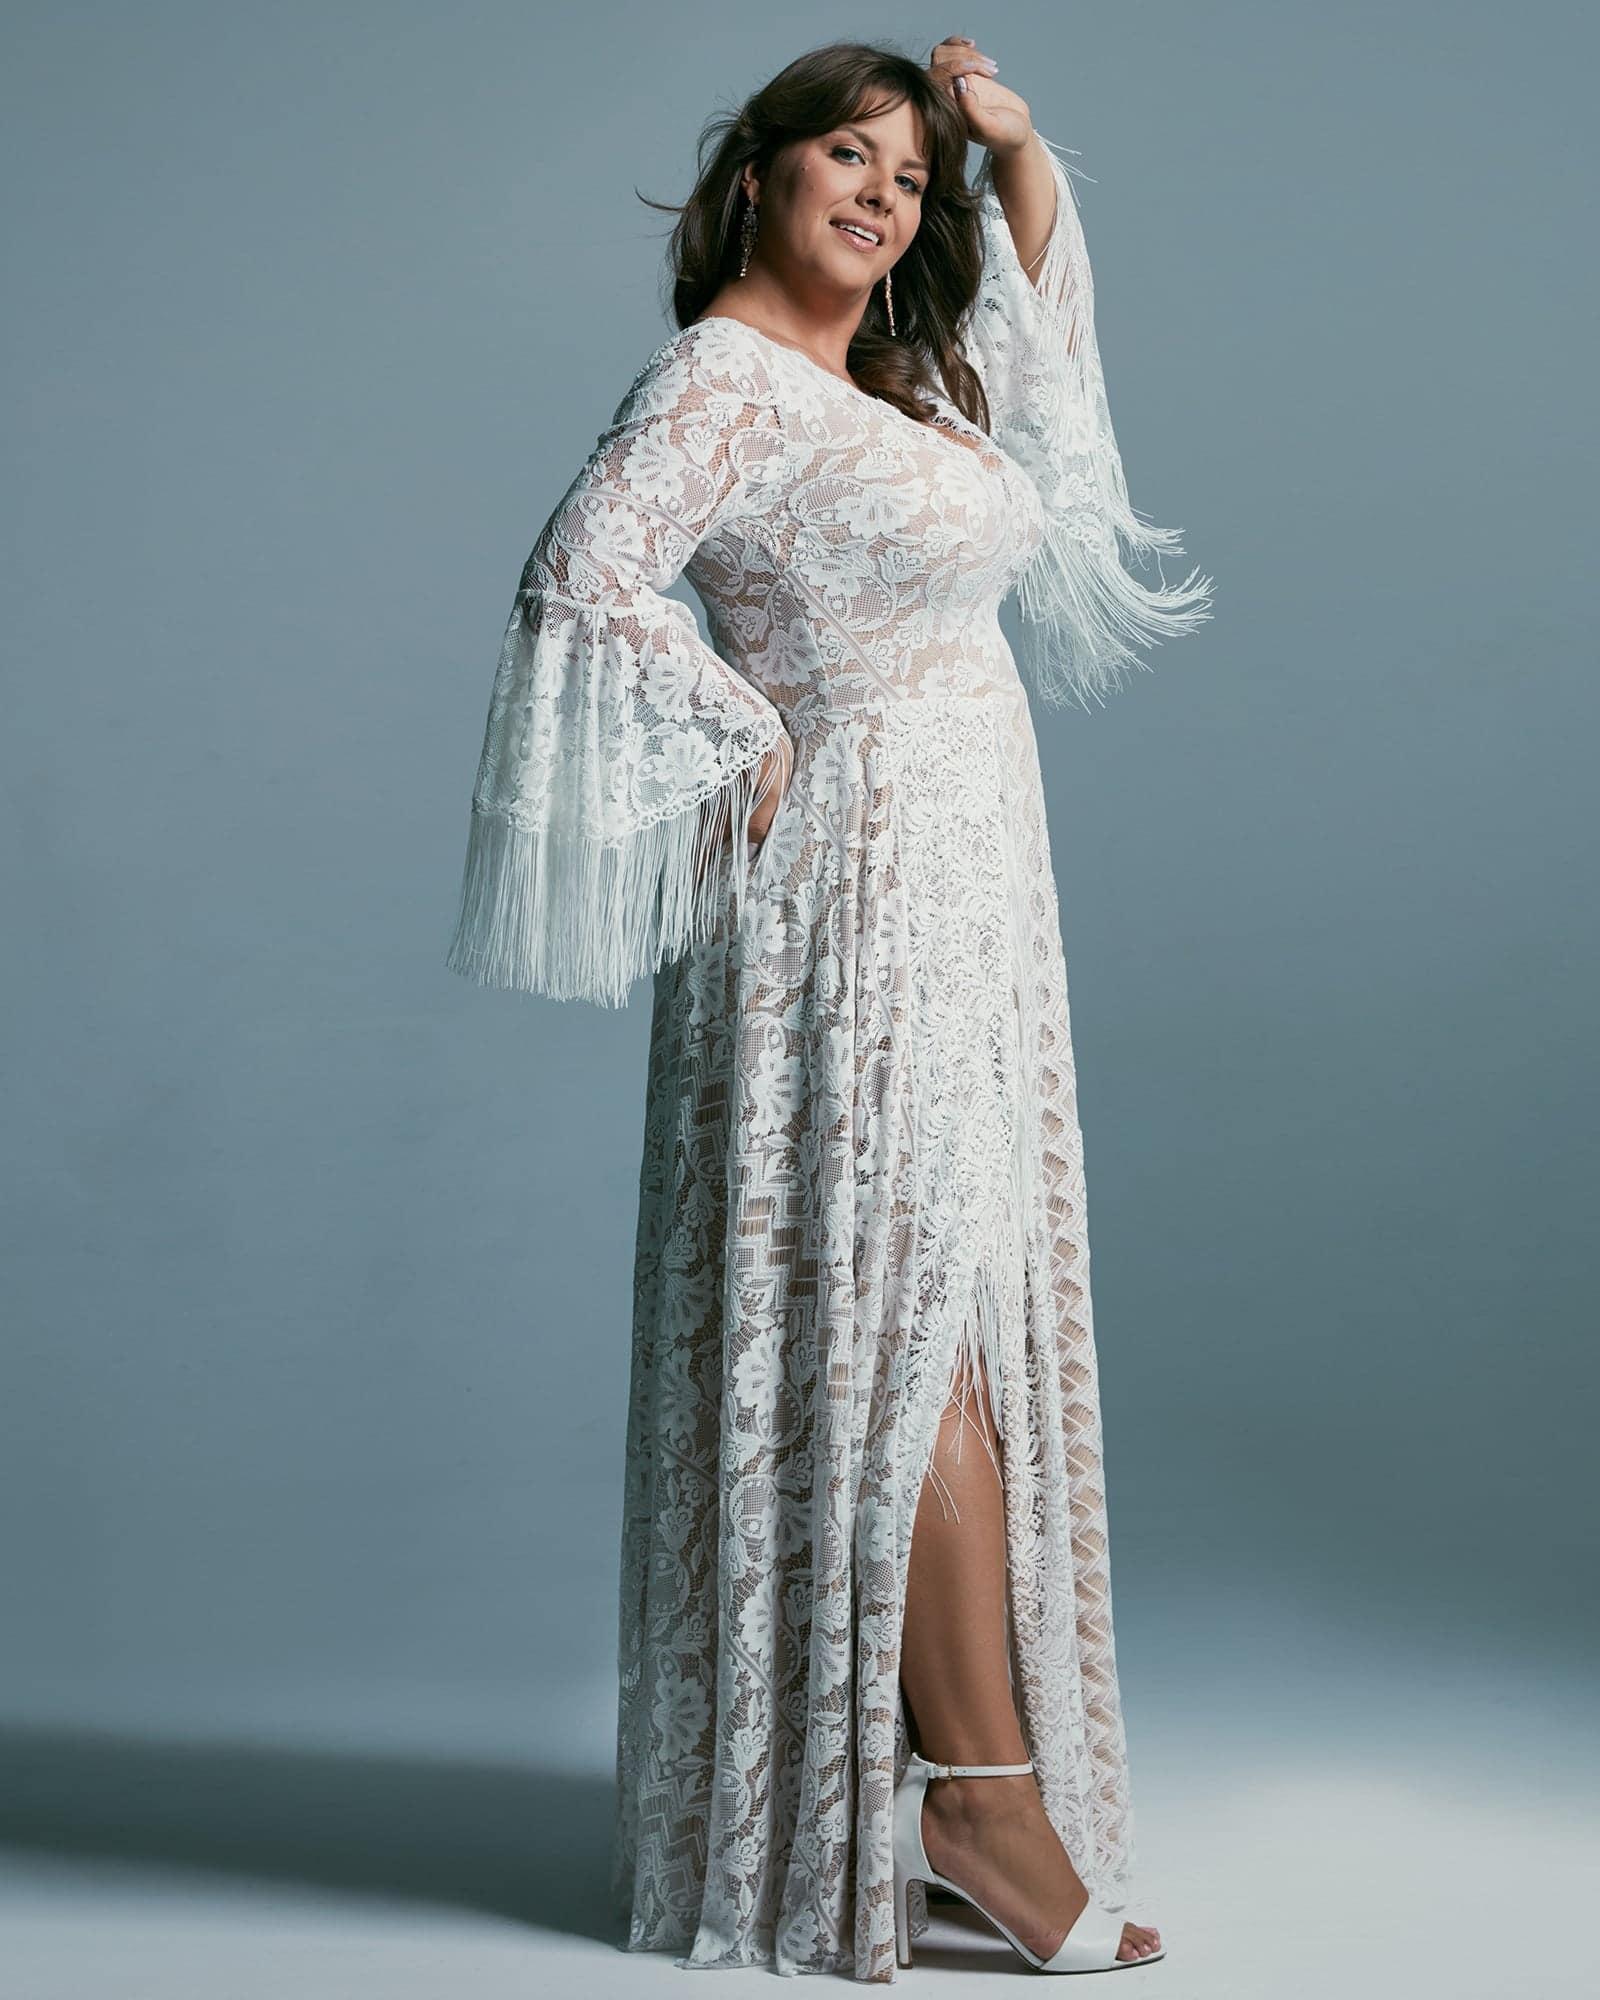 Efektowa suknia ślubna plus size z wykończonym krajką dekoltem V. Zabudowana, koronkowa z wykończonymi frędzlami długimi rękawami suknia ślubna duży rozmiar.